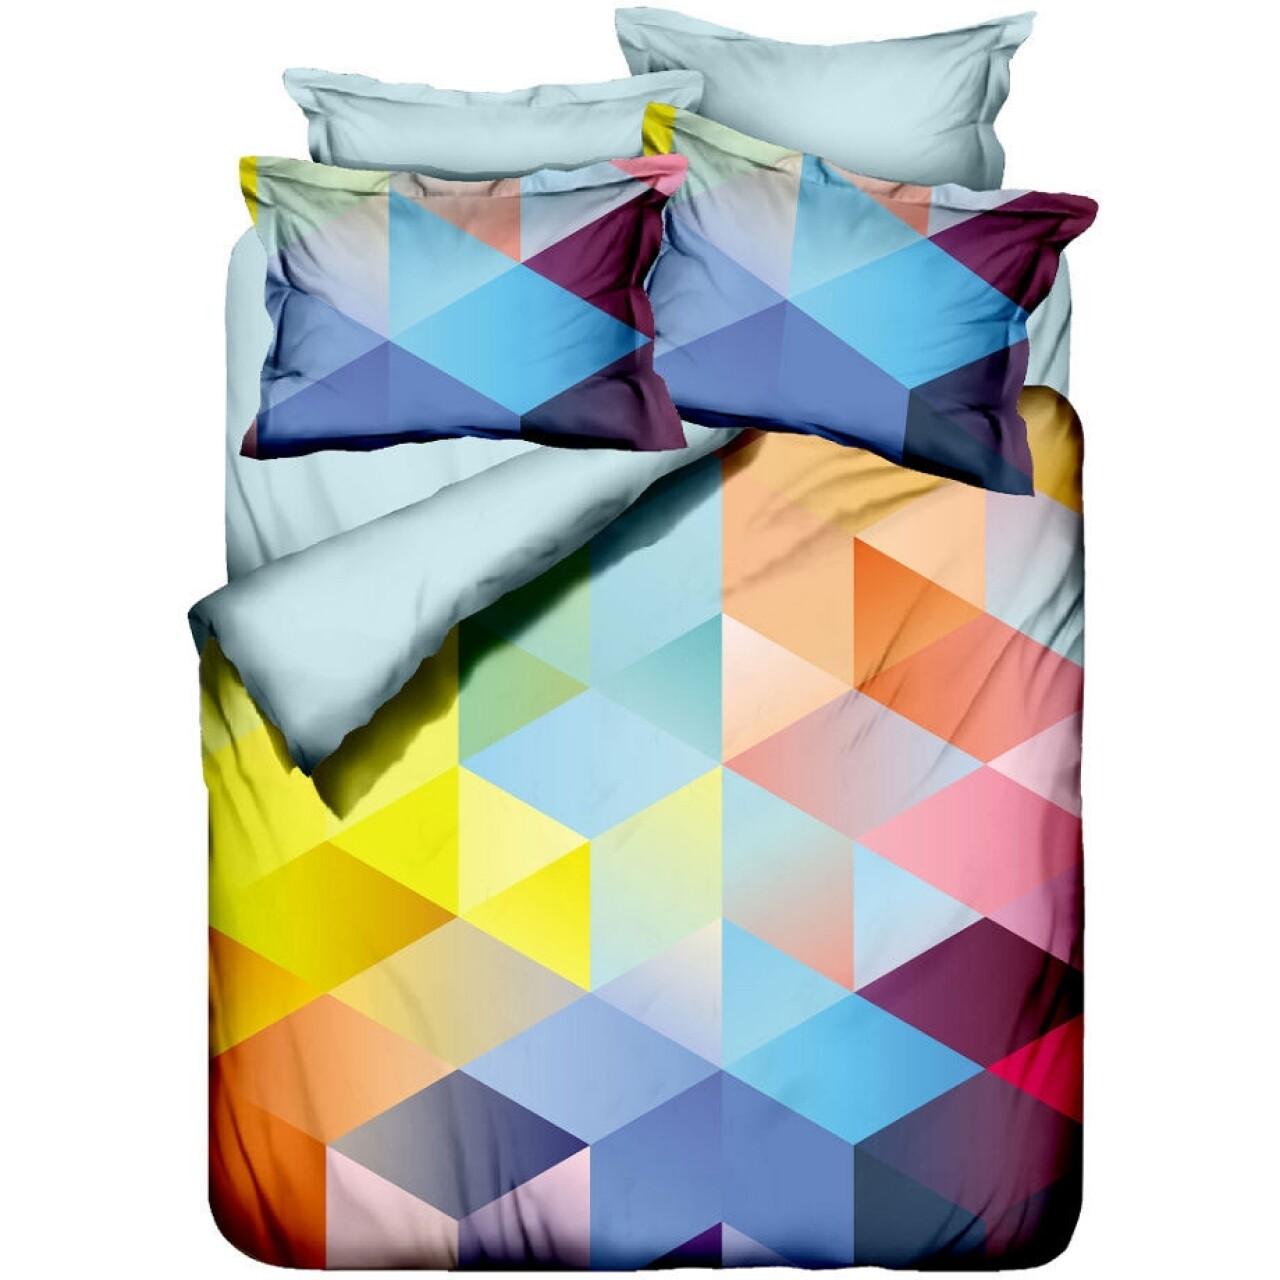 Lenjerie de pat dubla Cube, 6 piese, 240x260 cm, bumbac satinat, multicolora